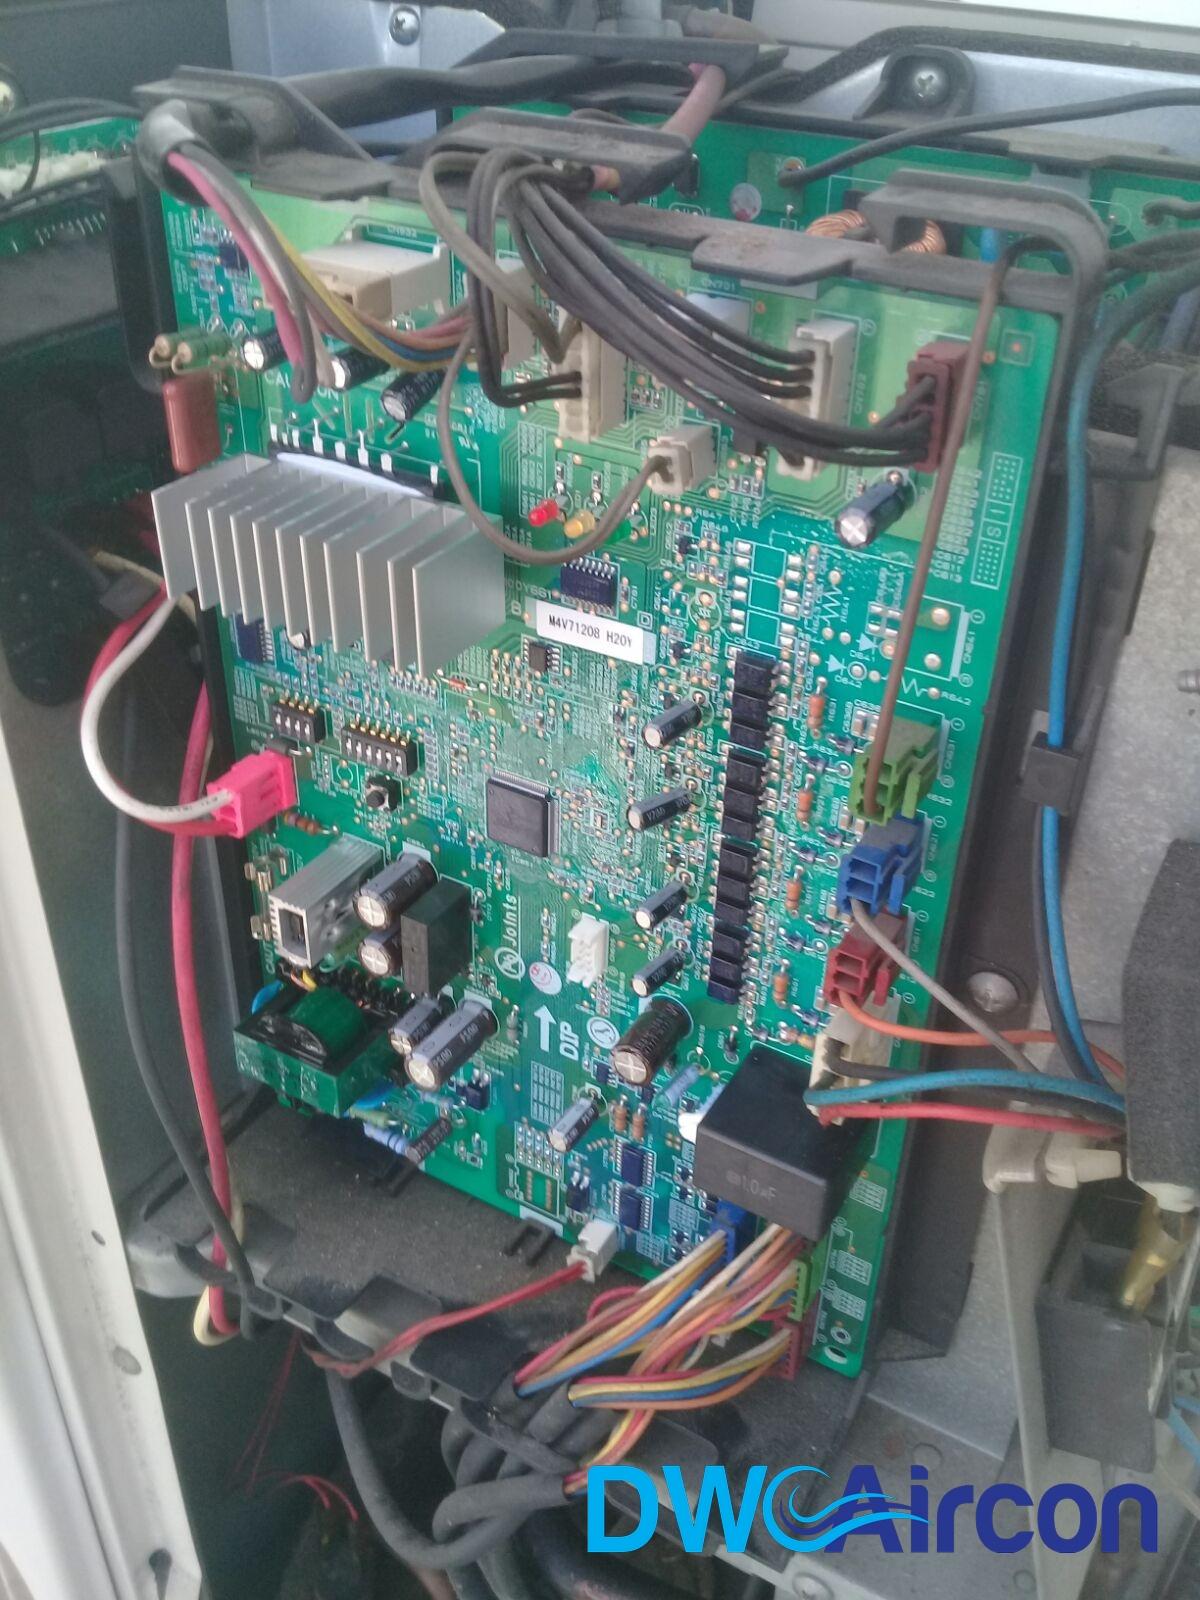 new-aircon-pcb-repair-circuit-board-repair-aircon-repair